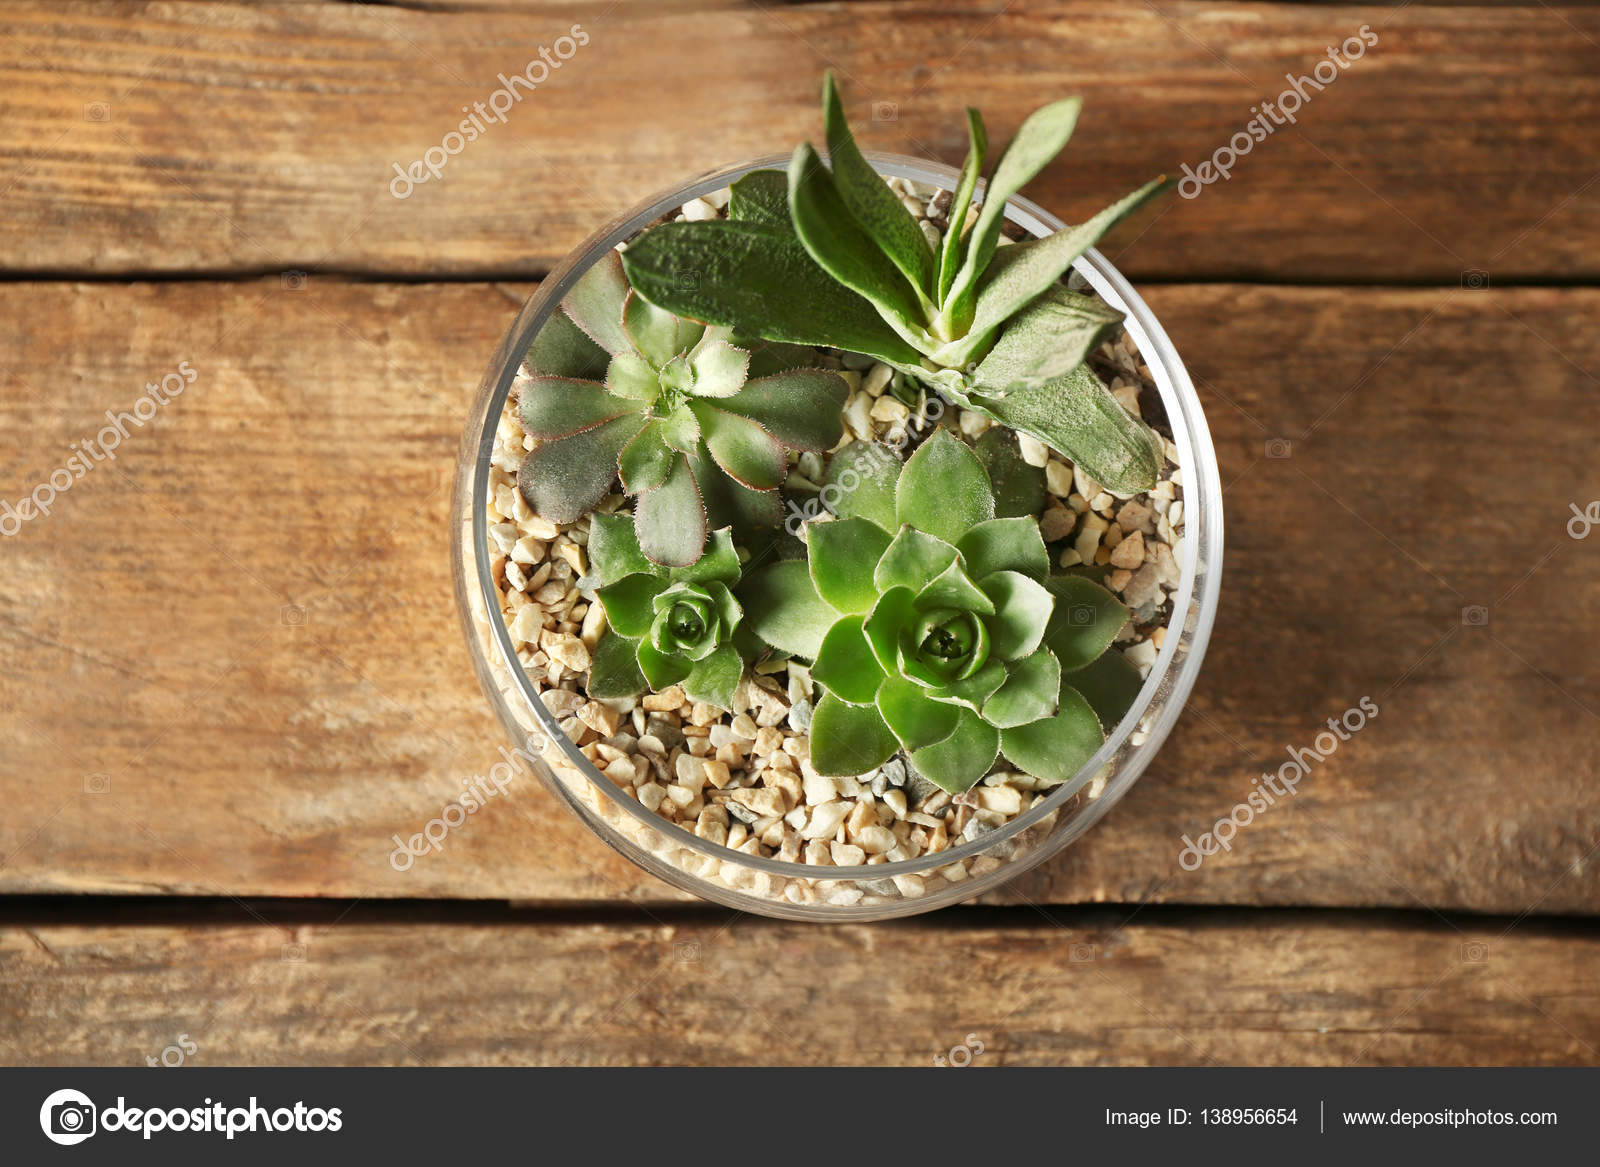 Composizioni In Vetro Piante Grasse : Composizione di piante grasse in vaso vetro — foto